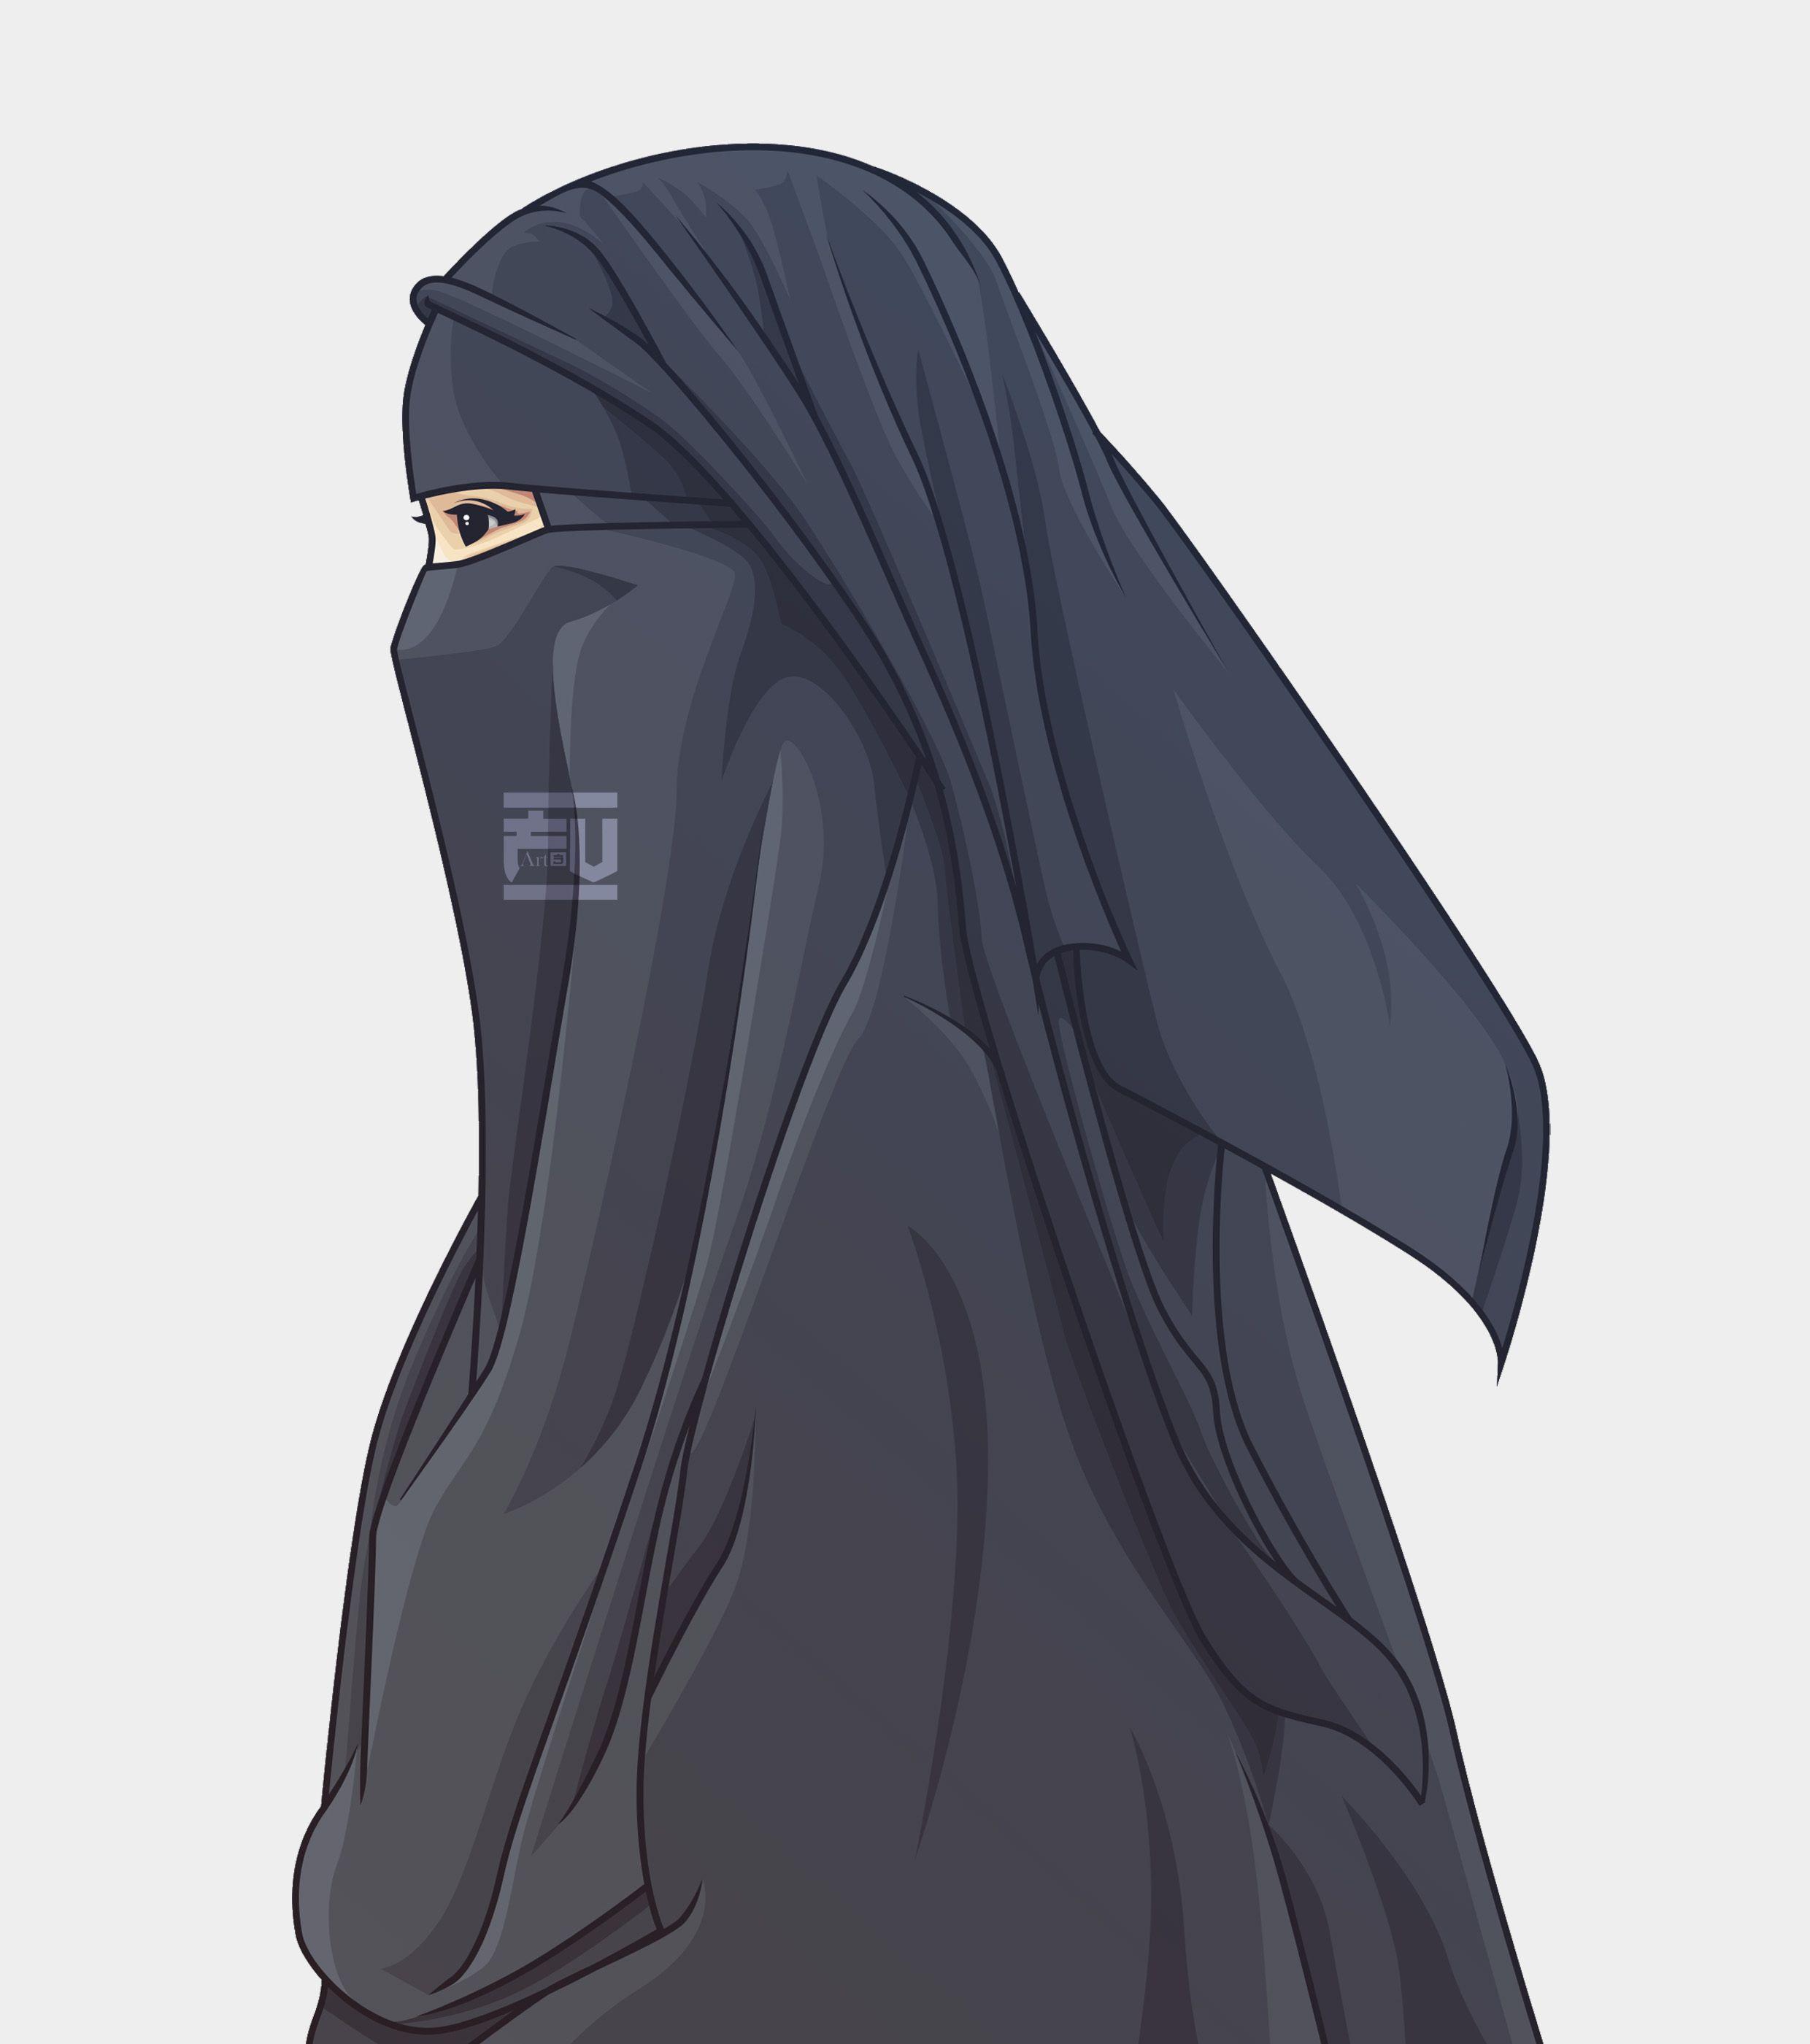 Gambar Pejuang Islam Hd